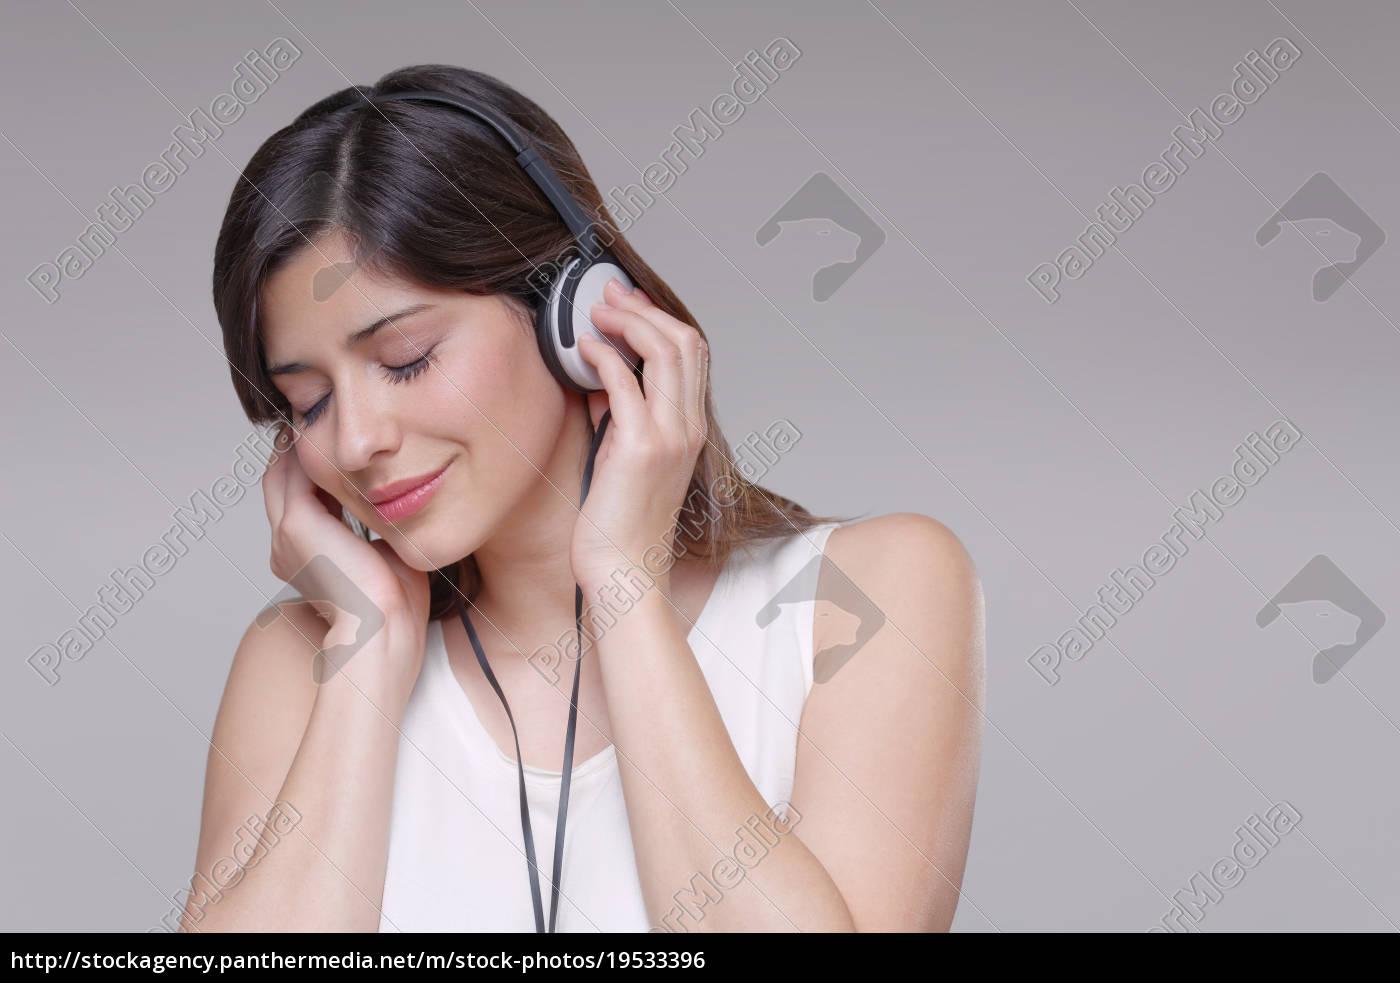 junge, frau, trägt, kopfhörer, hört, musik - 19533396